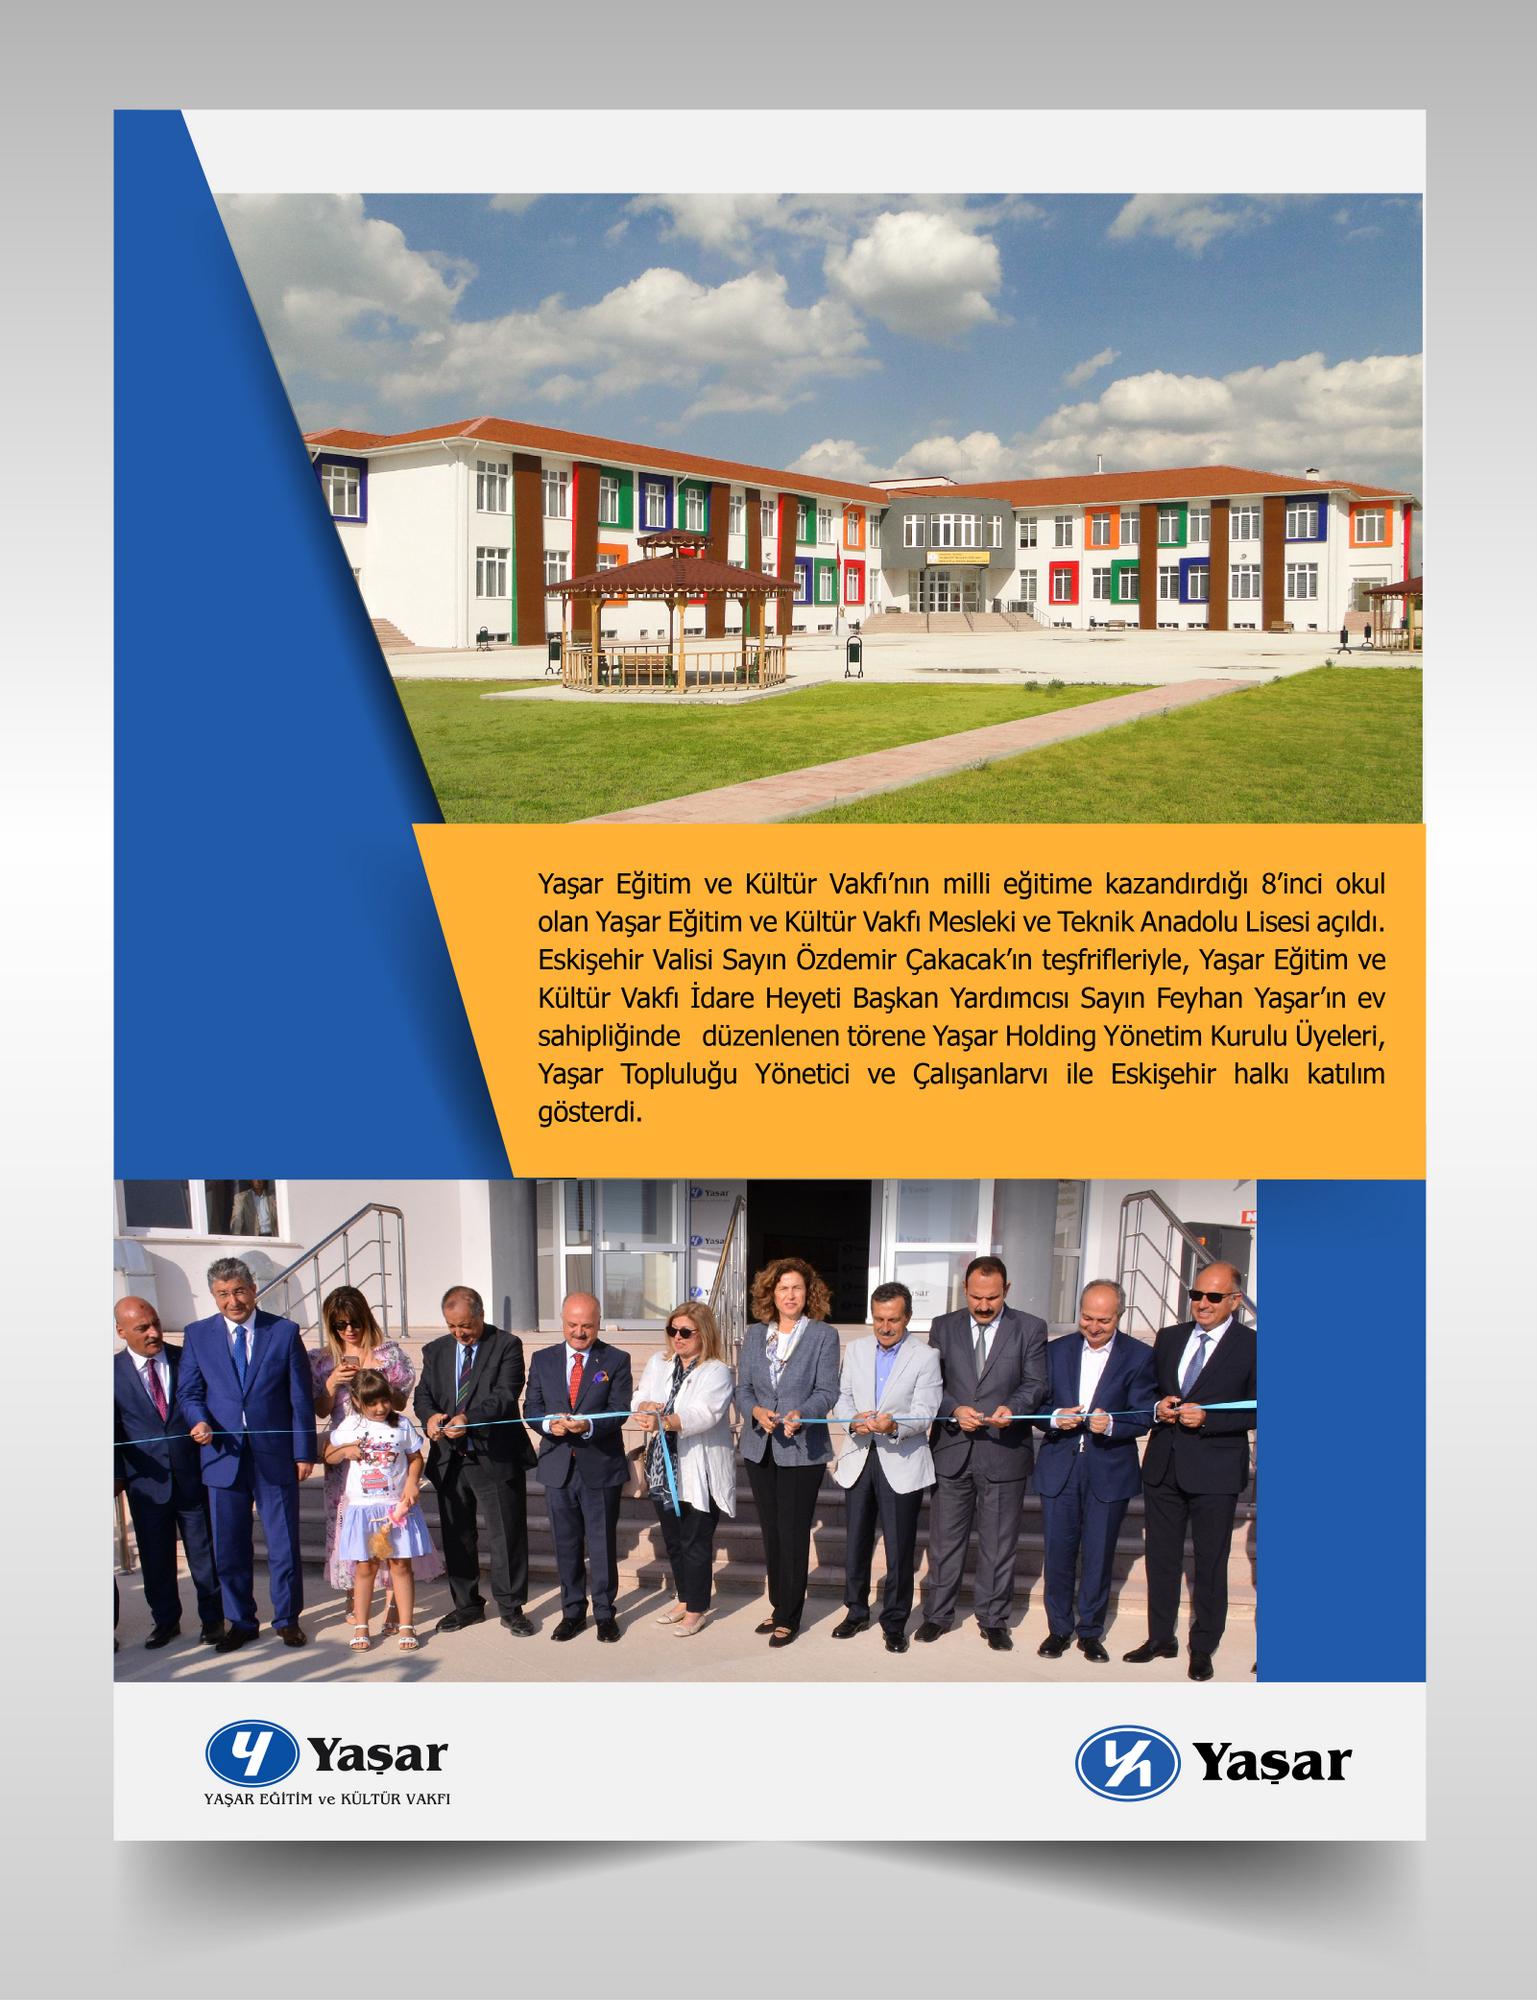 Yaşar Eğitim ve Kültür Vakfı İdare Heyeti Başkan Yardımcısı Feyhan Yaşar